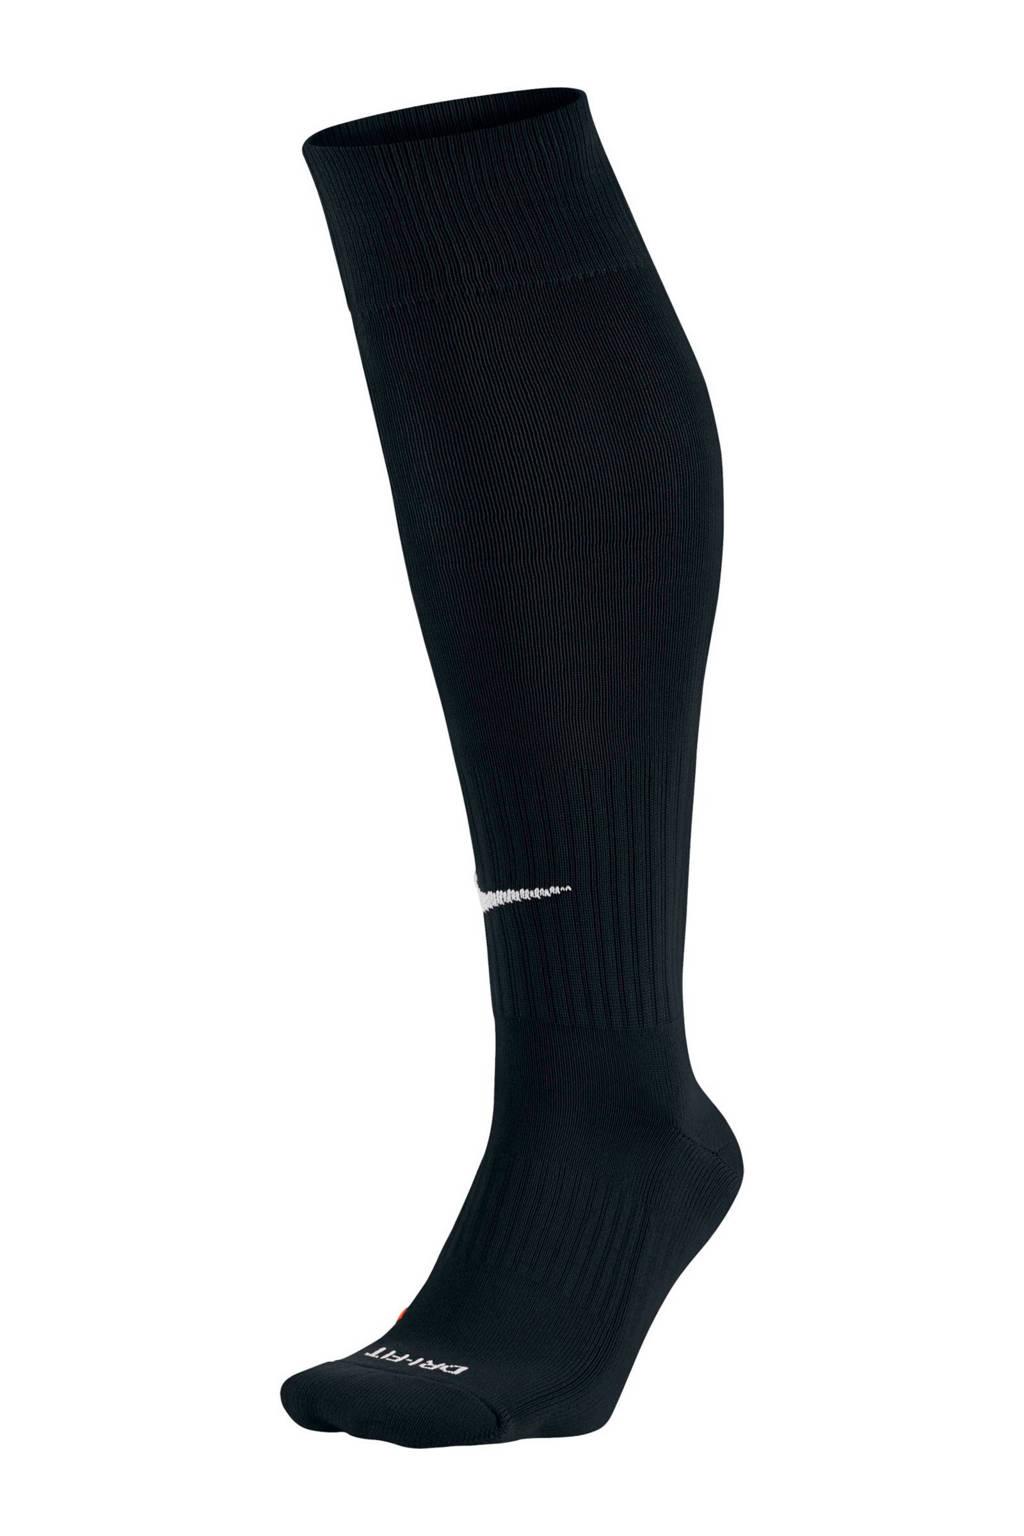 Nike   voetbalsokken zwart, Zwart